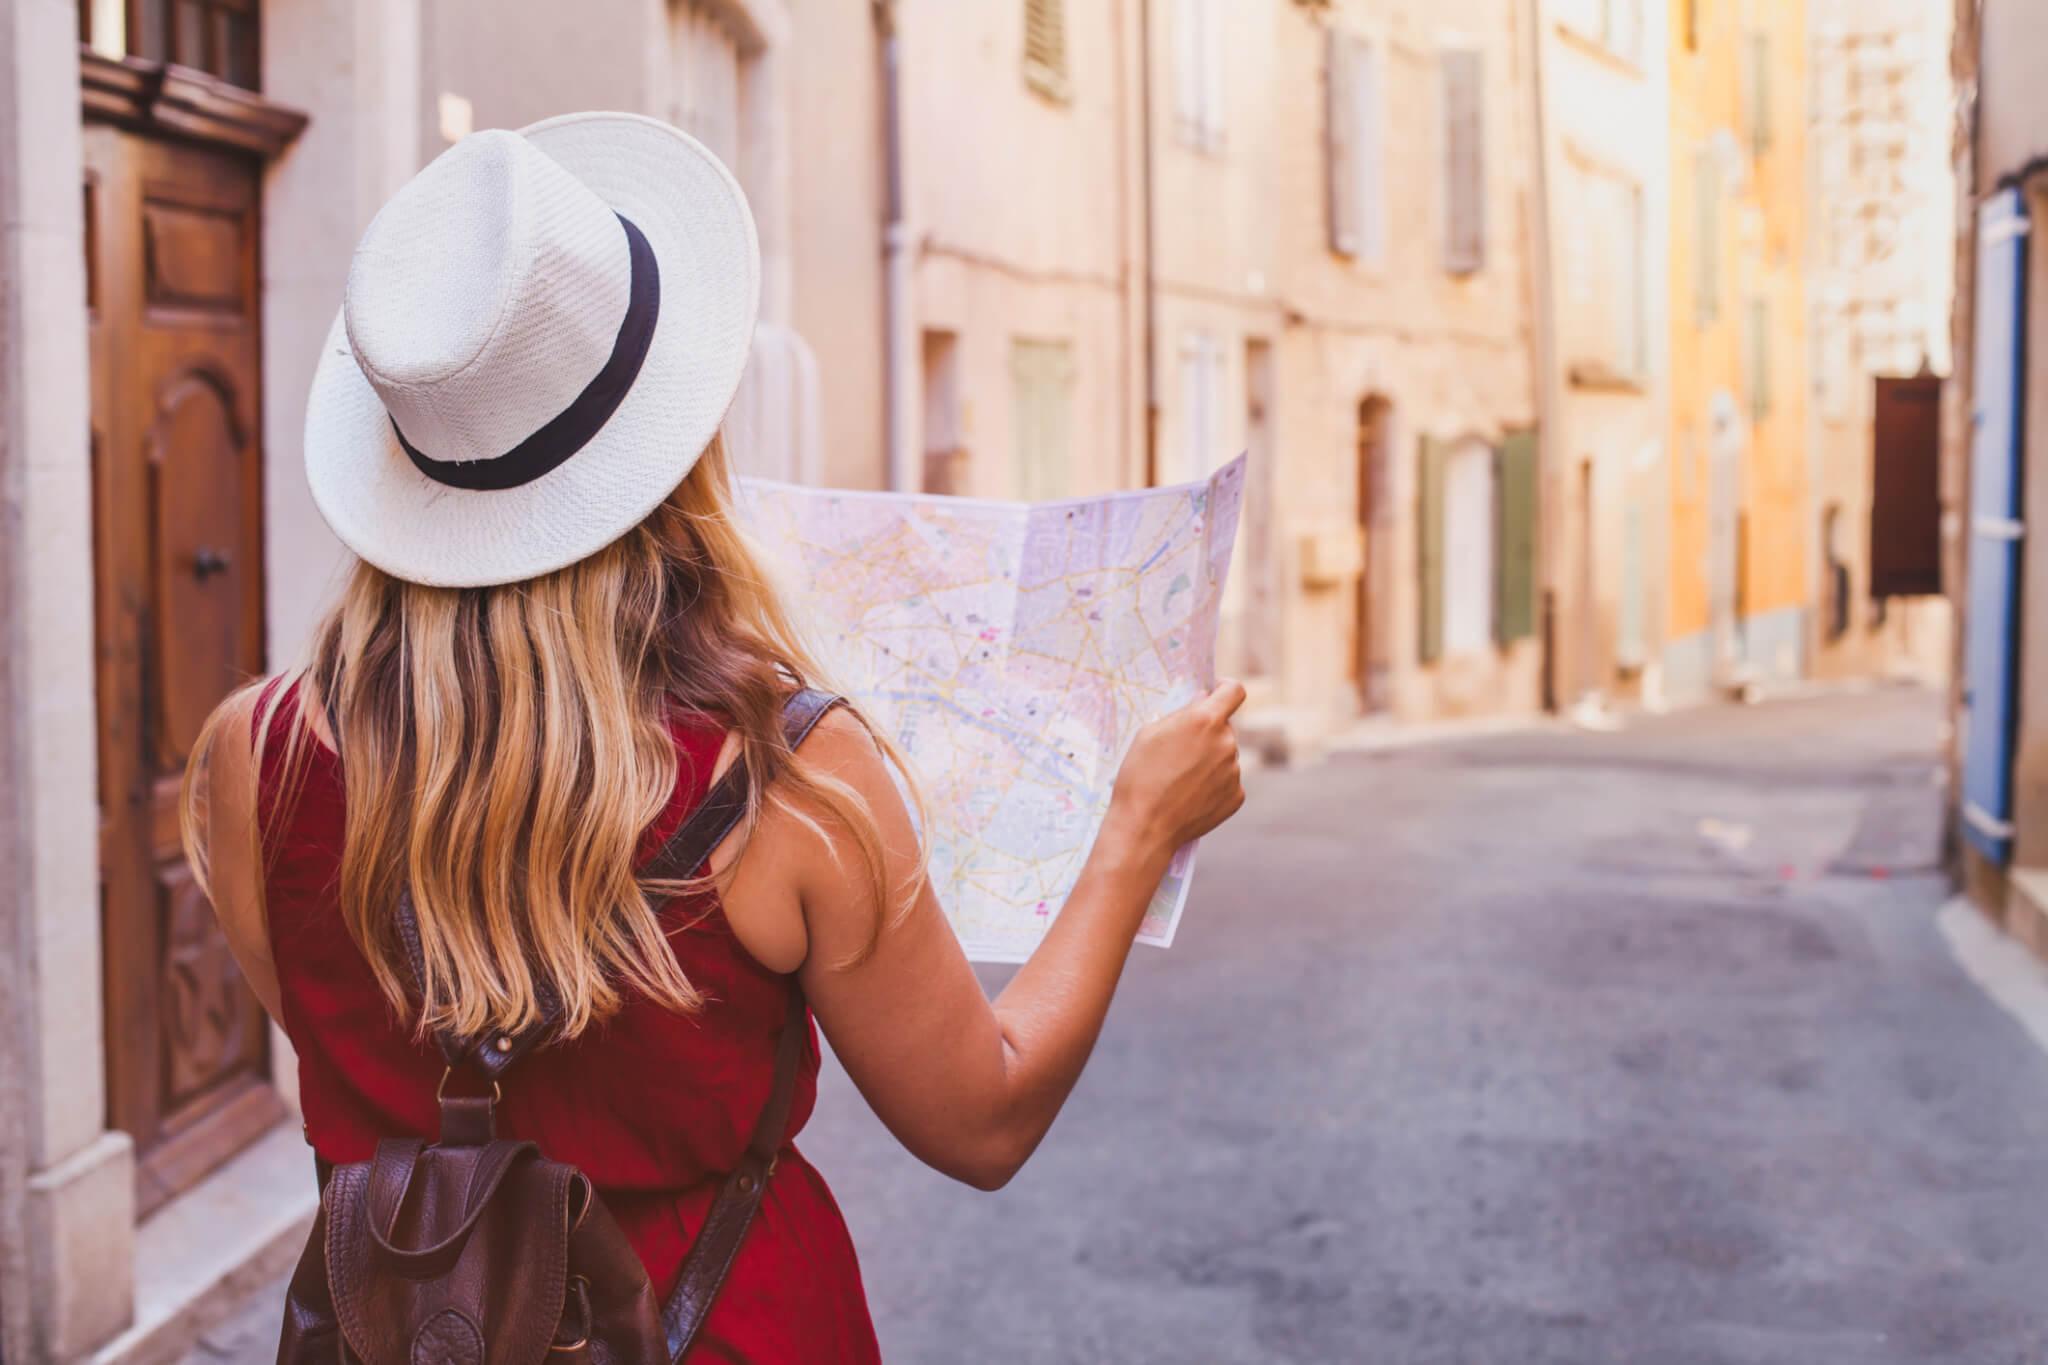 Femme en voyage tenant une carte